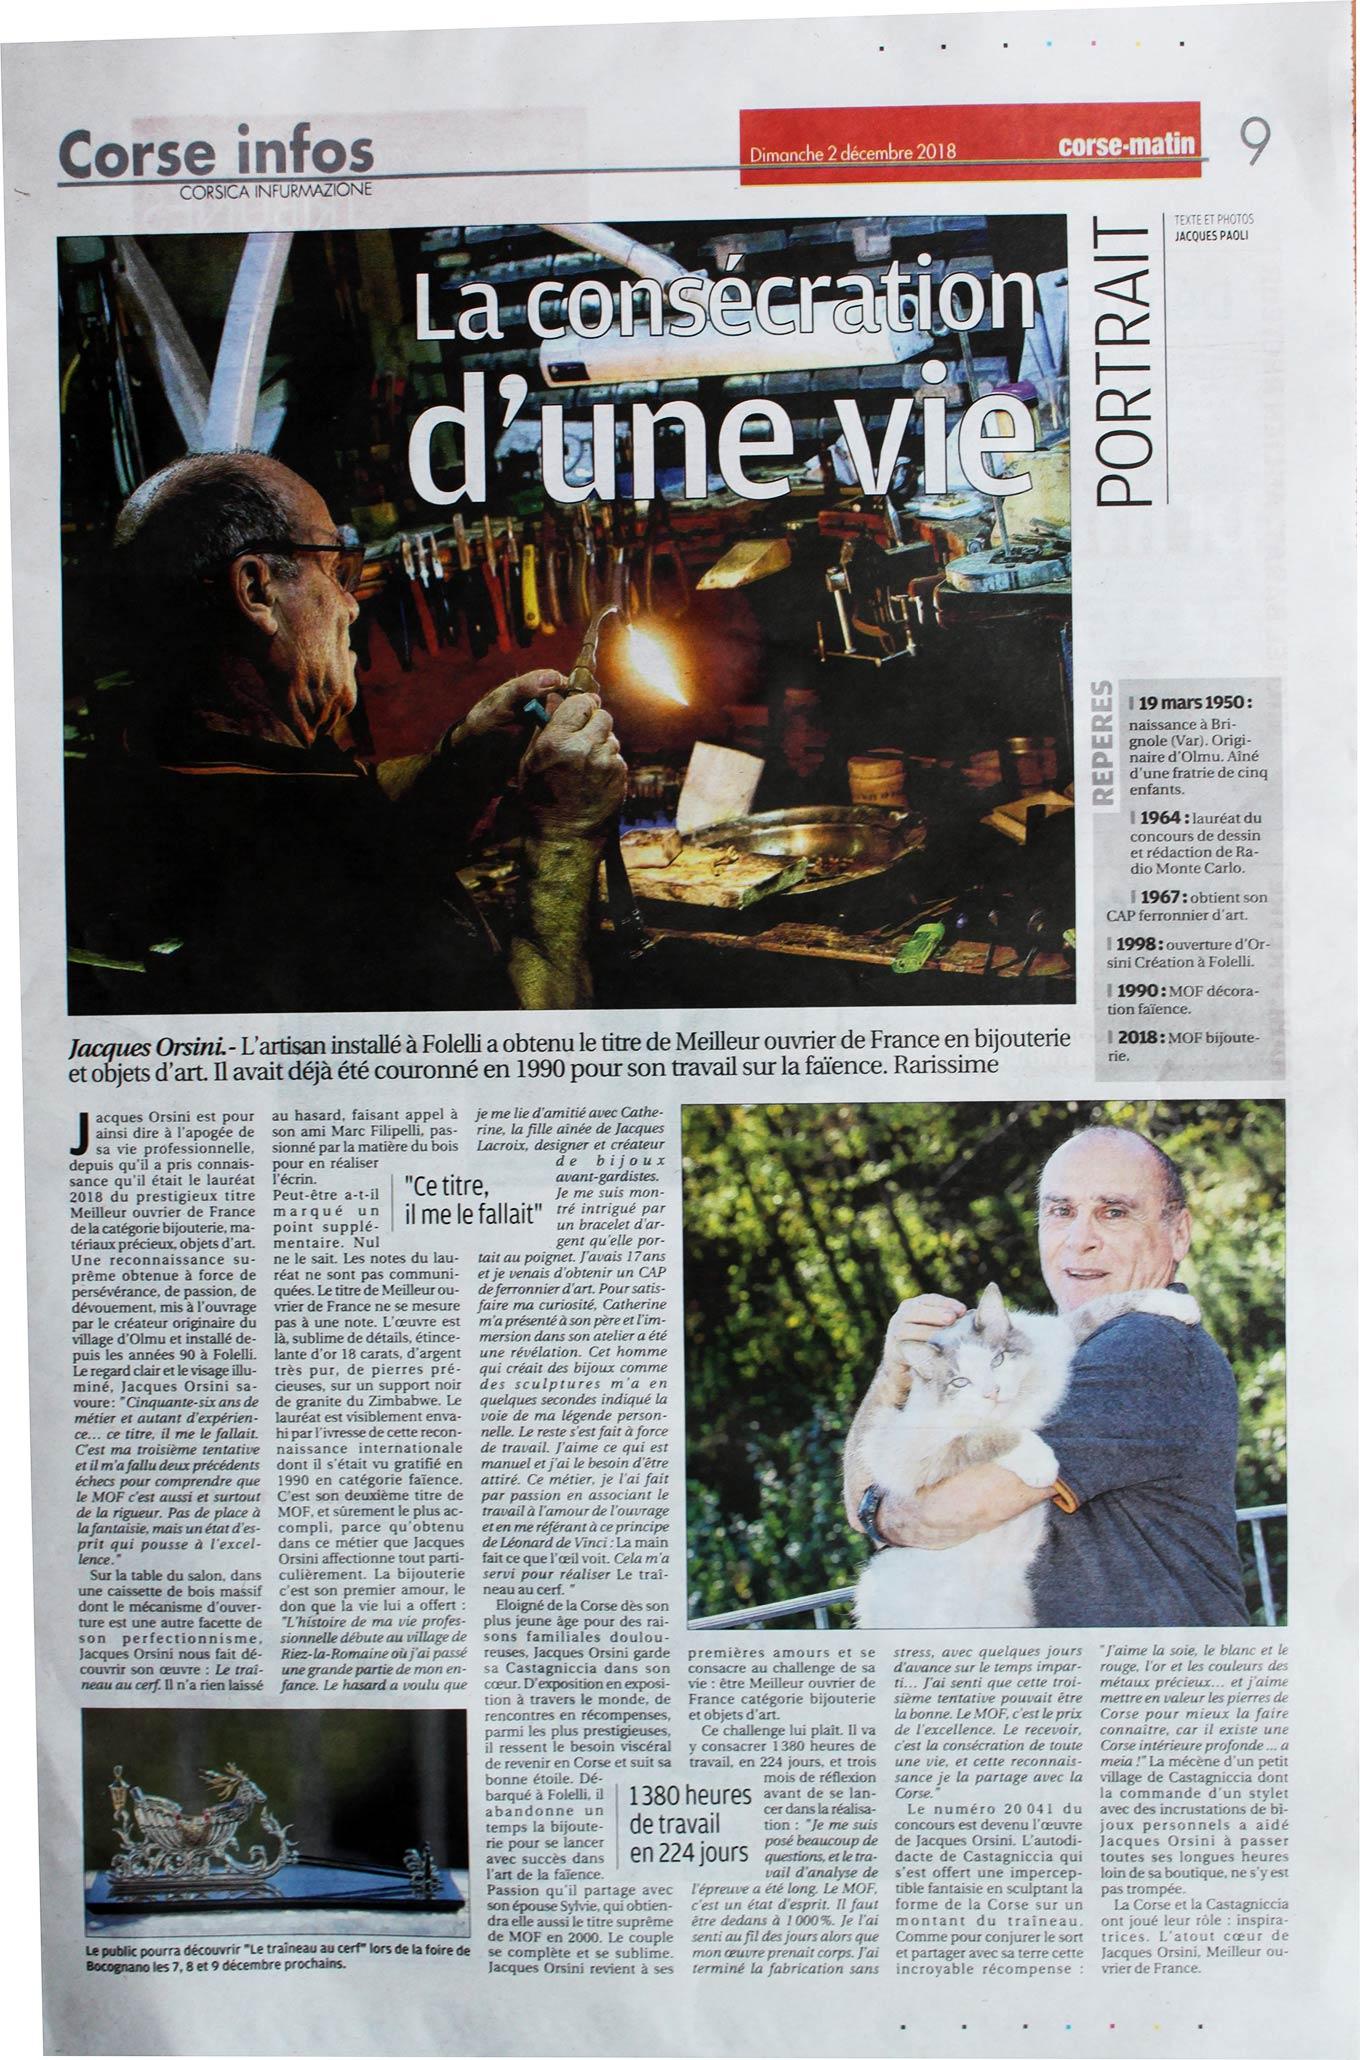 Corse Matin, Jacques Orsini